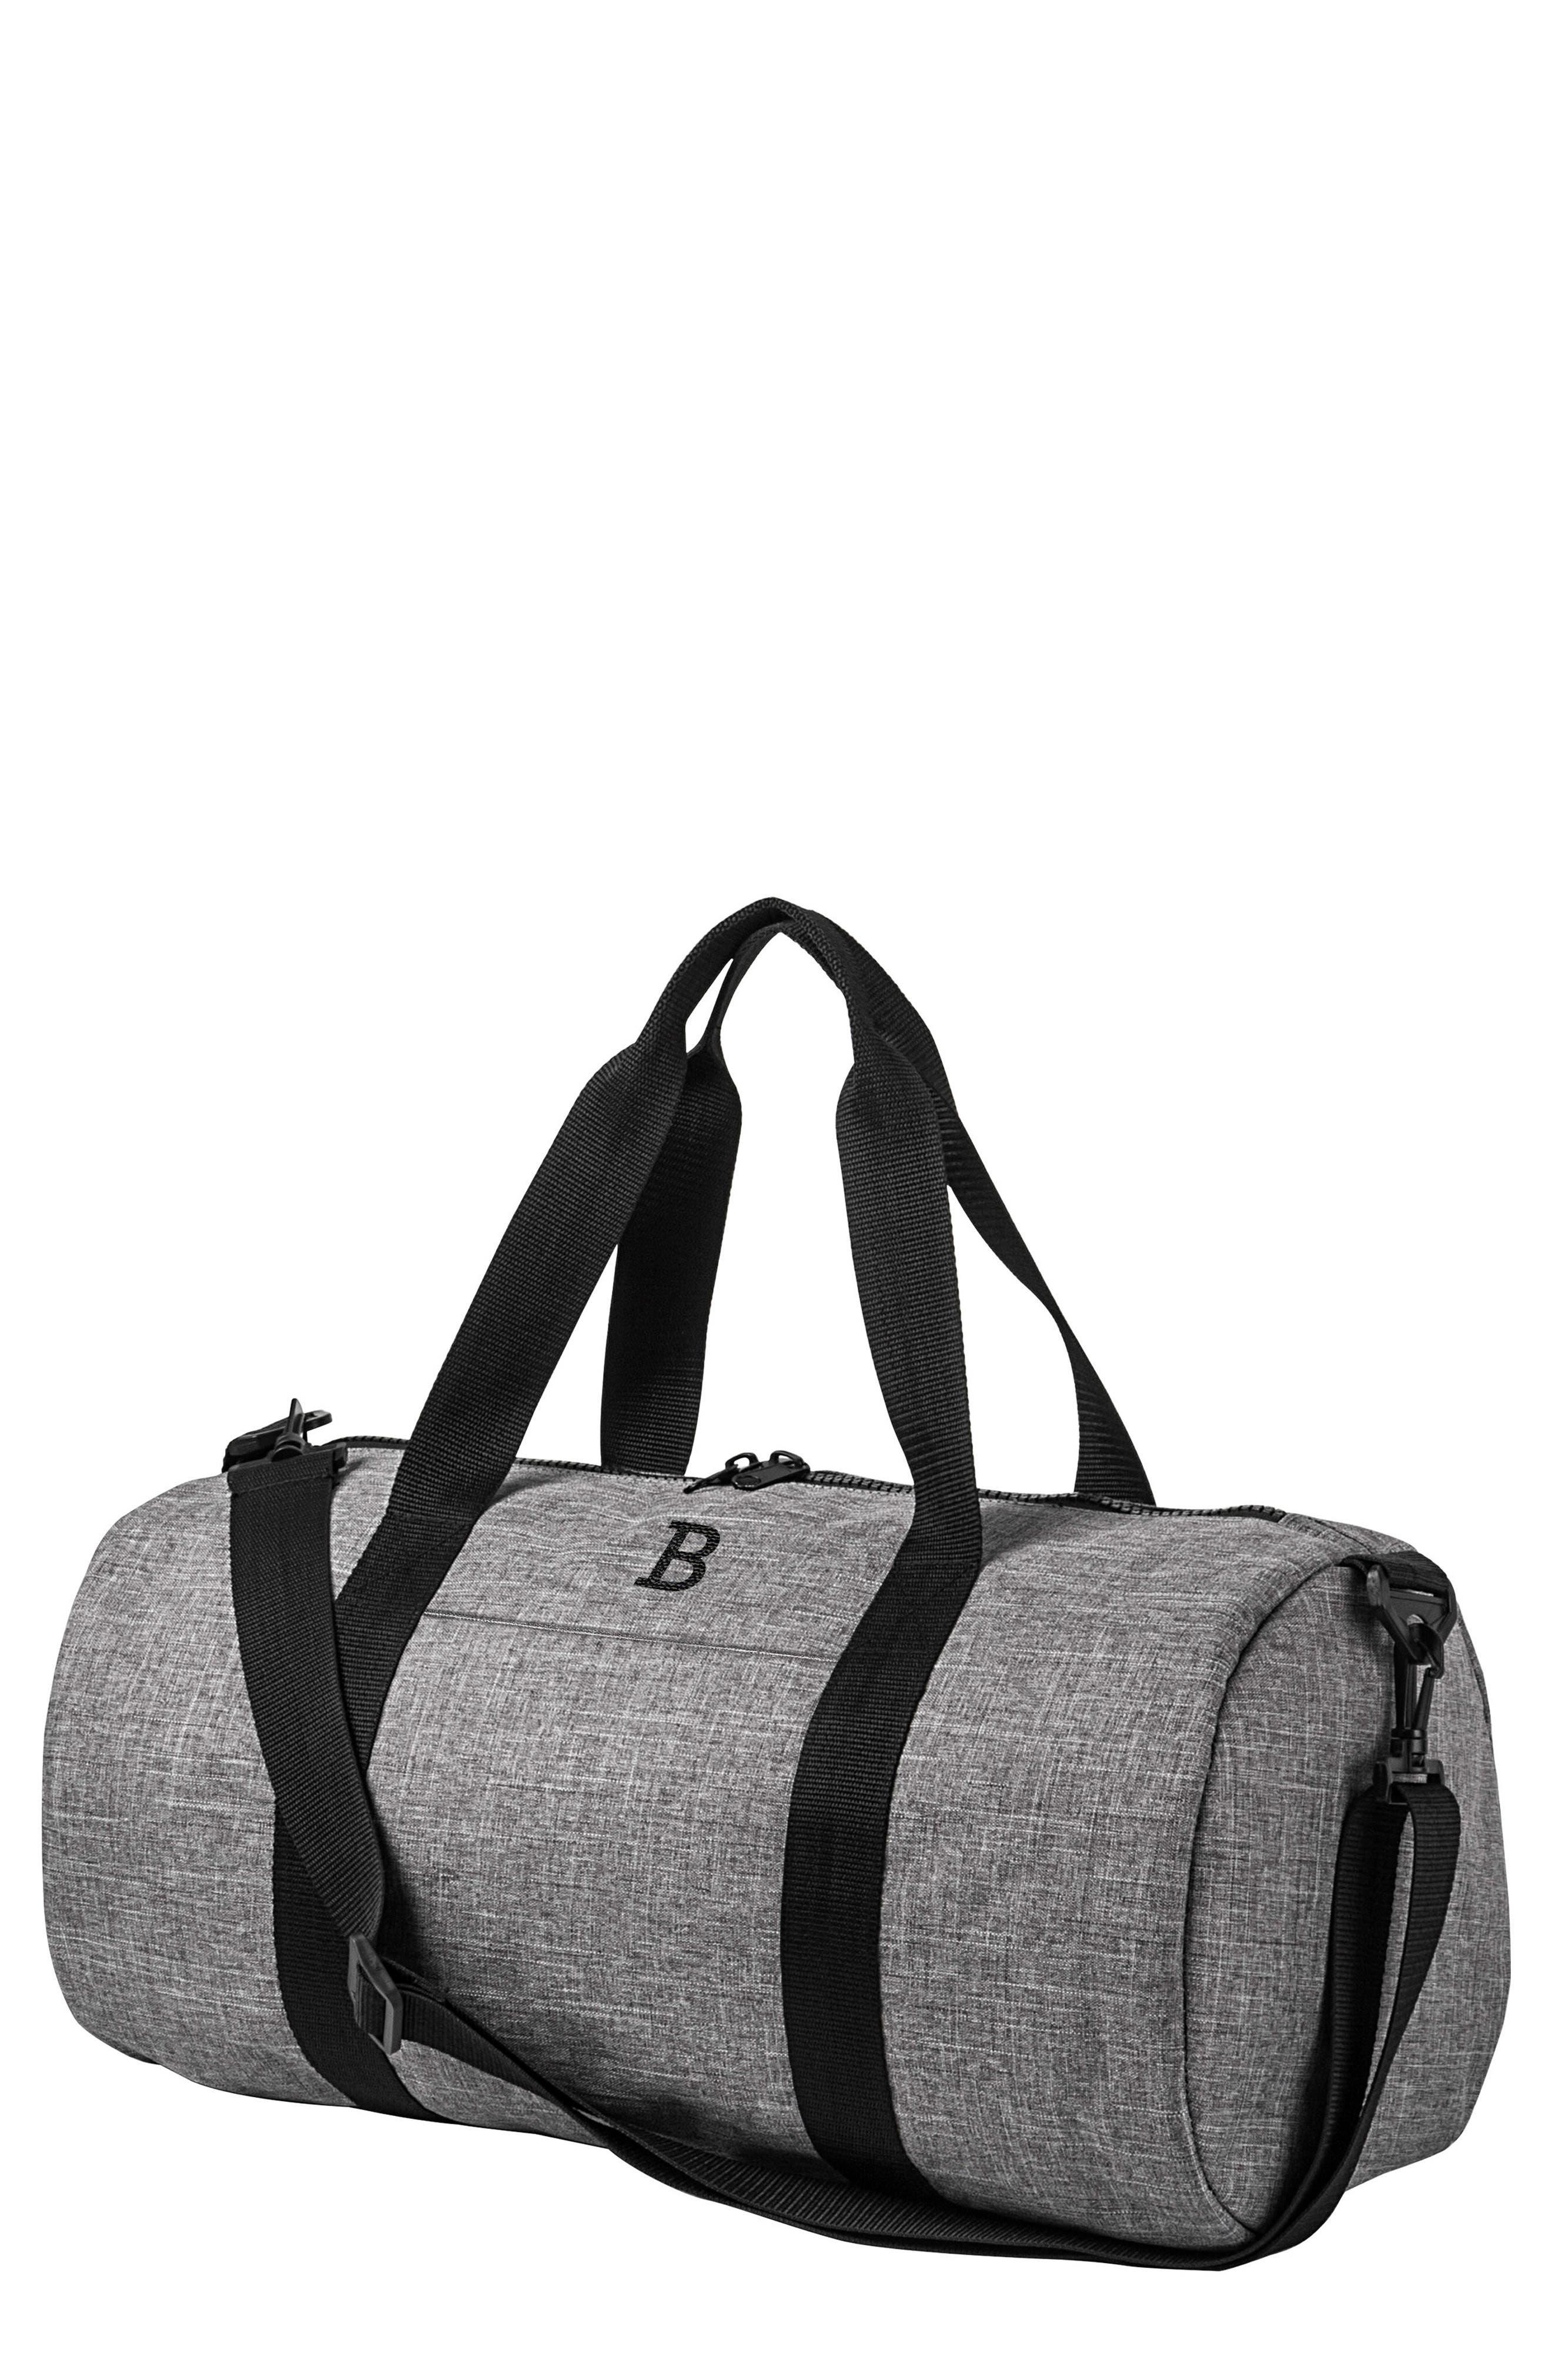 Monogram Duffel Bag,                             Main thumbnail 1, color,                             Grey B